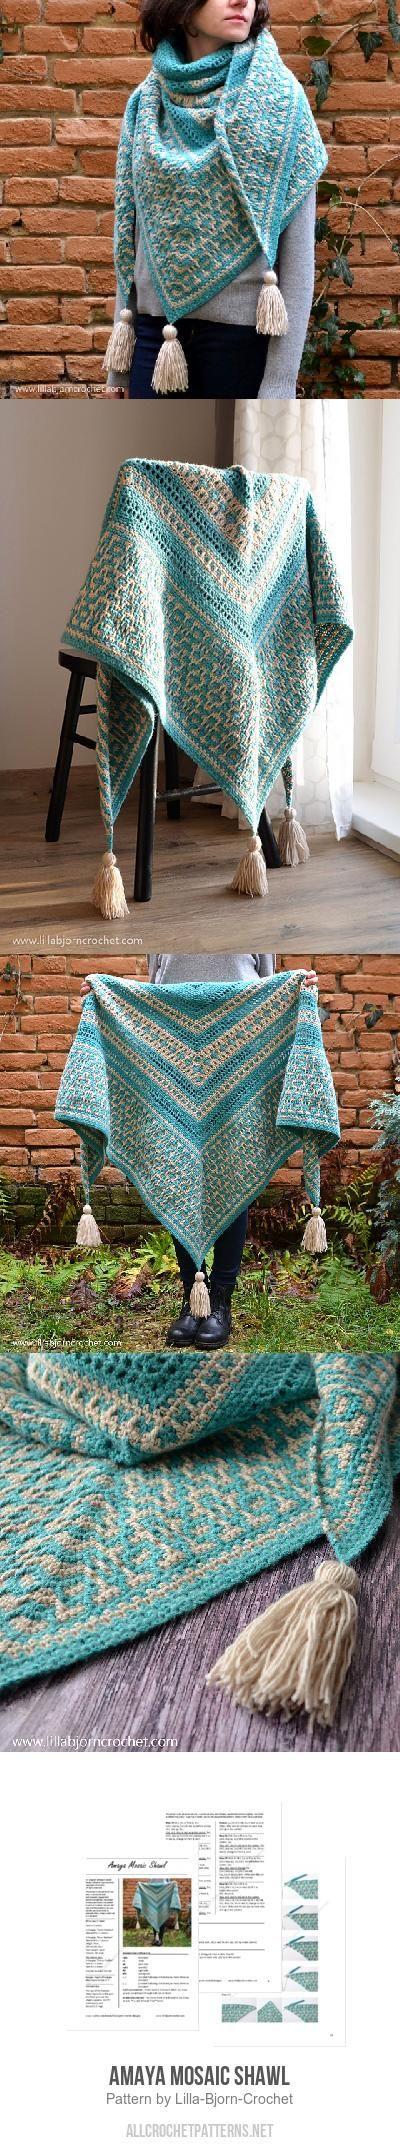 Amaya Mosaic Shawl crochet pattern